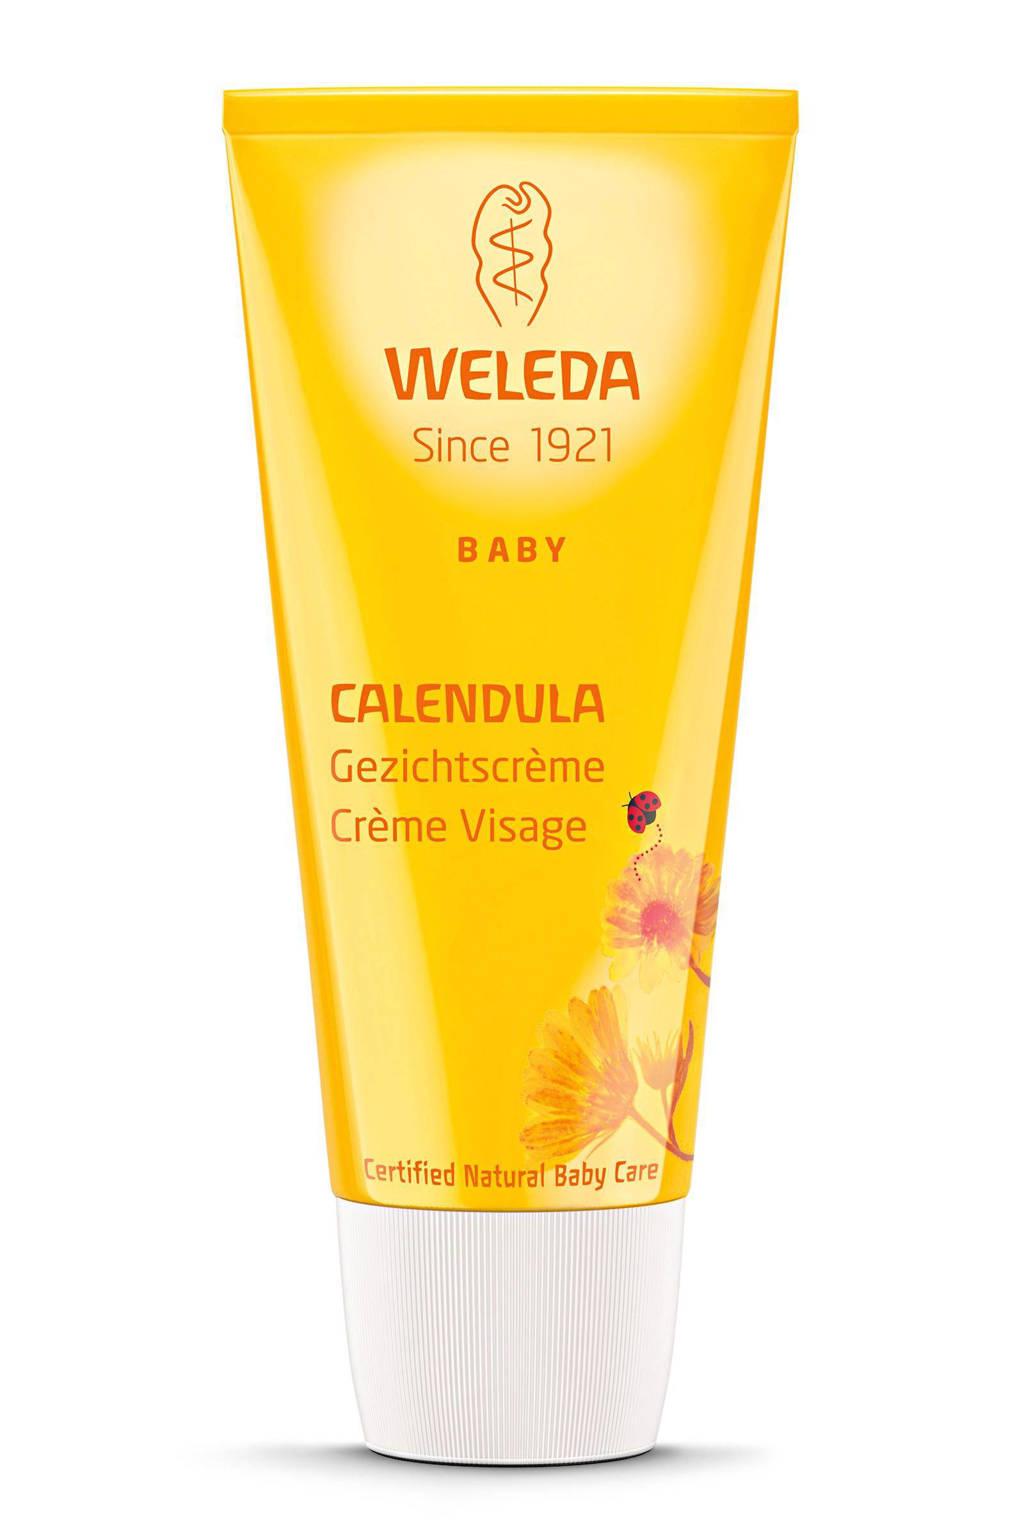 Weleda Calendula Baby gezichtscreme